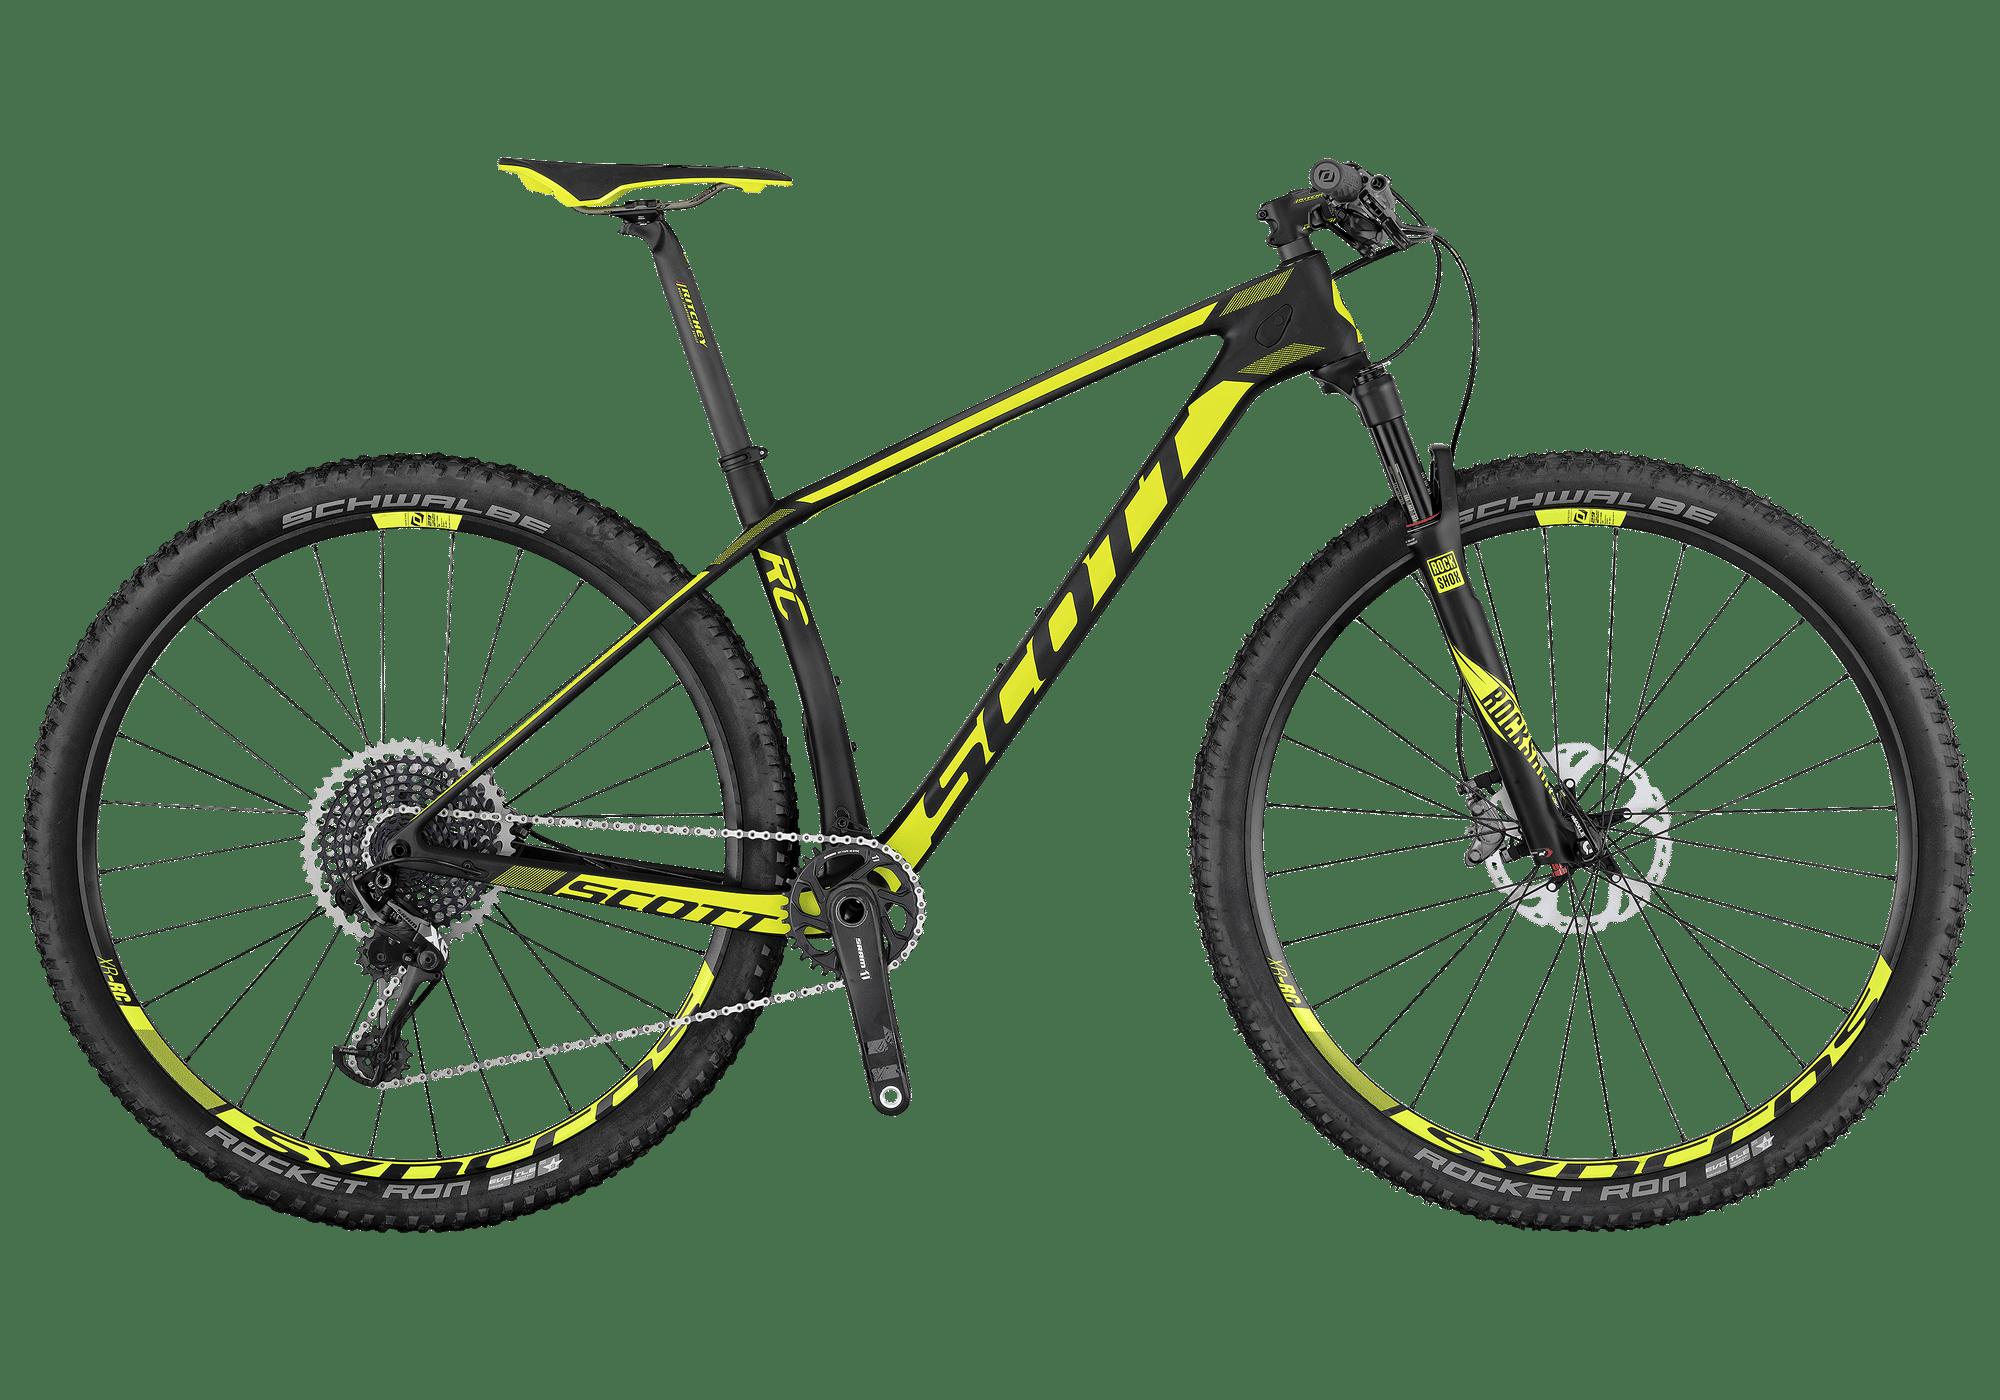 Bicicleta montaña Scale RC 900 World Cup 2017